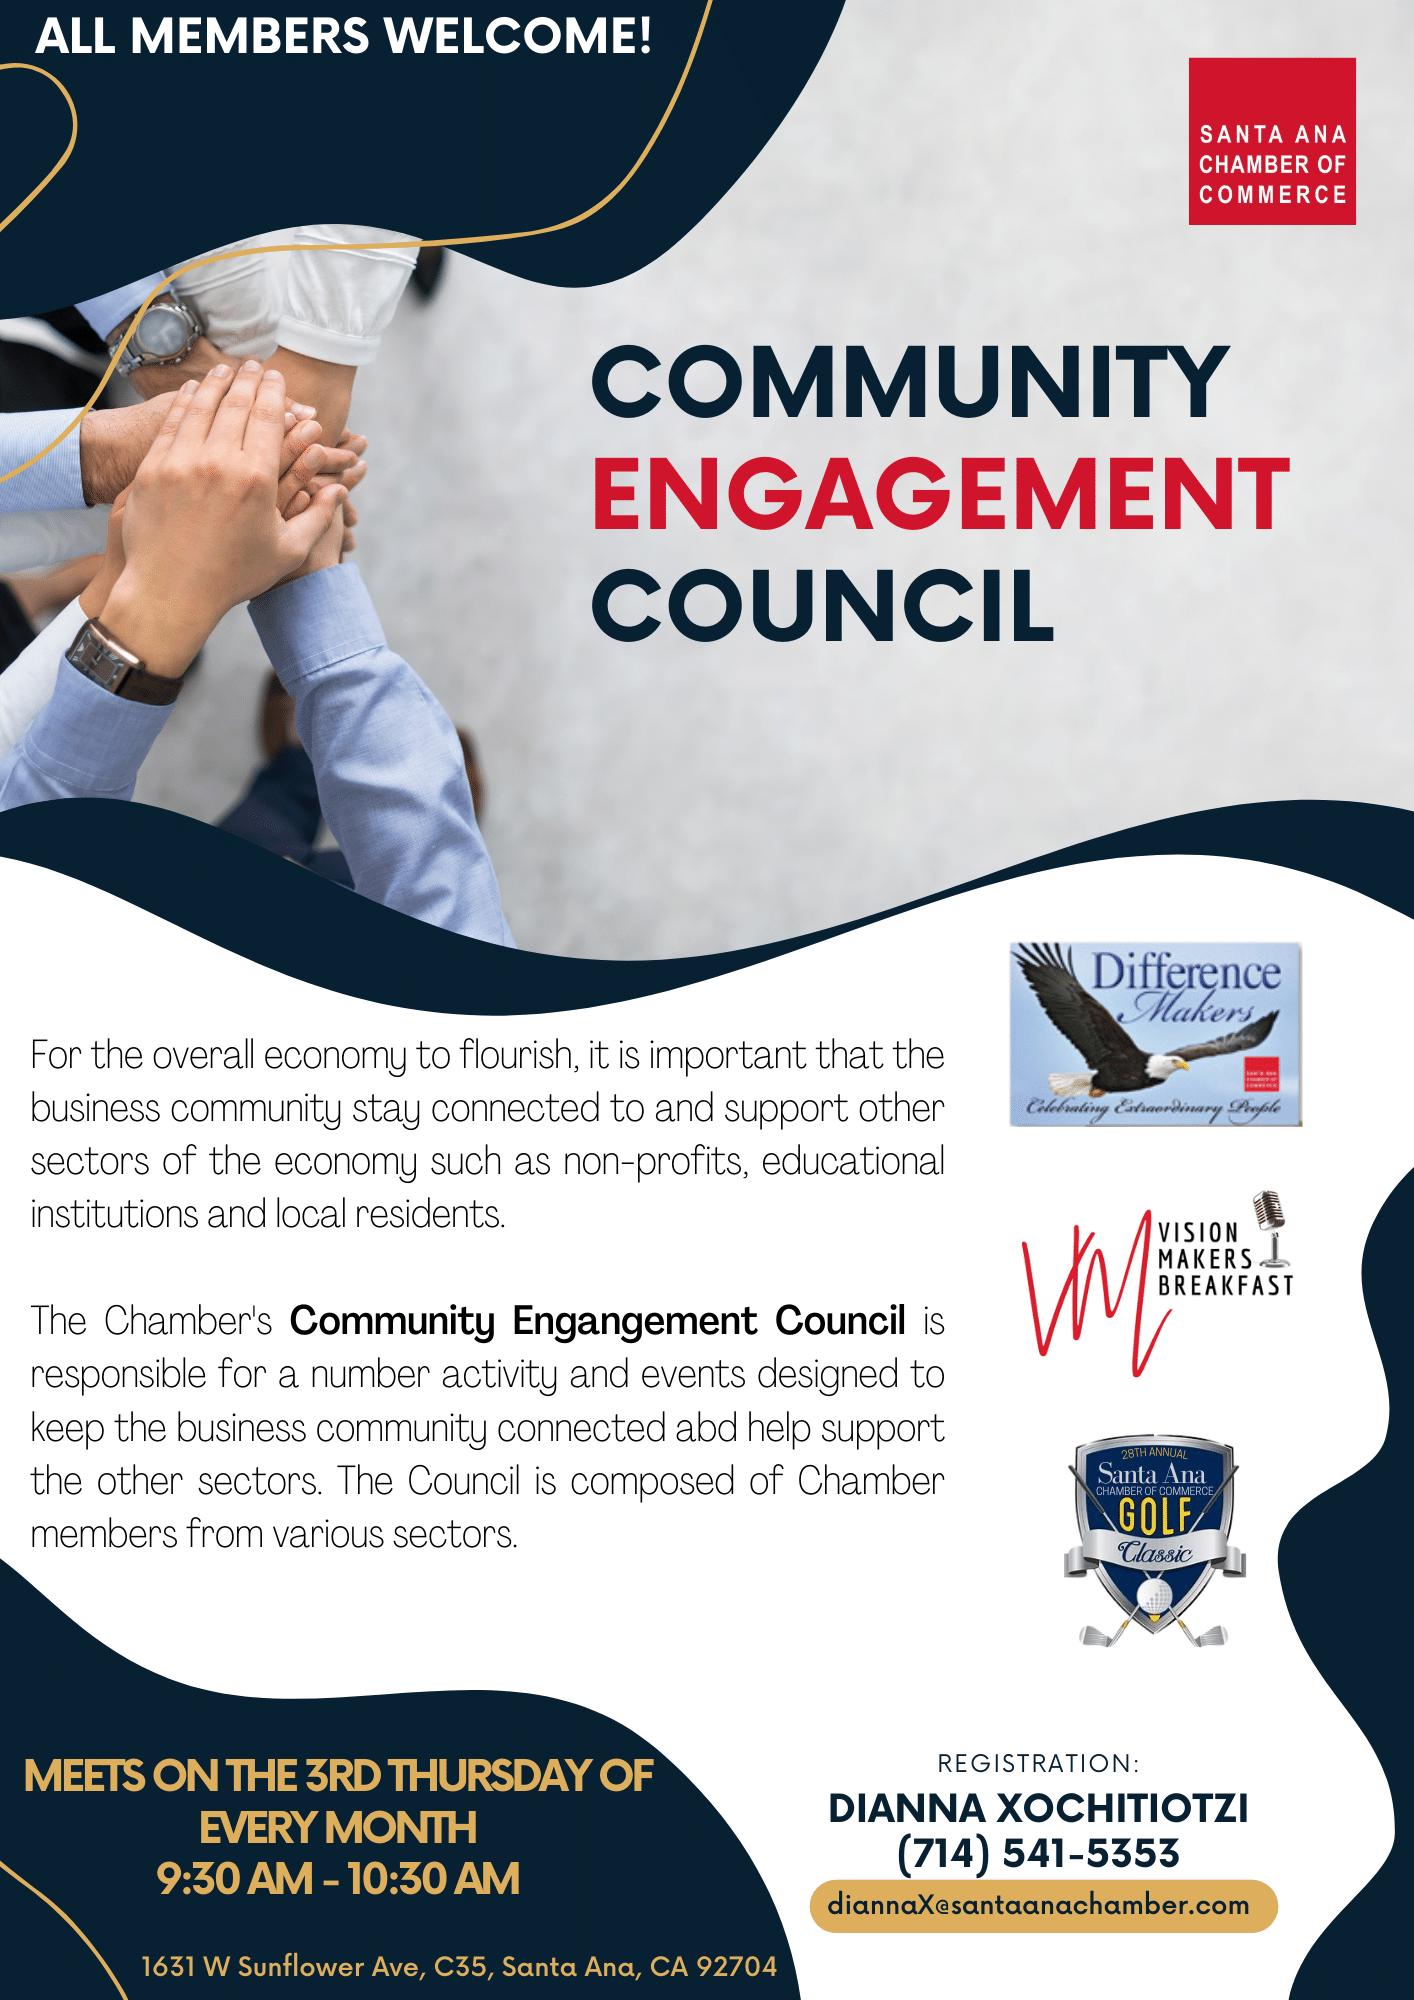 Community-Engagement-Council-(4).png